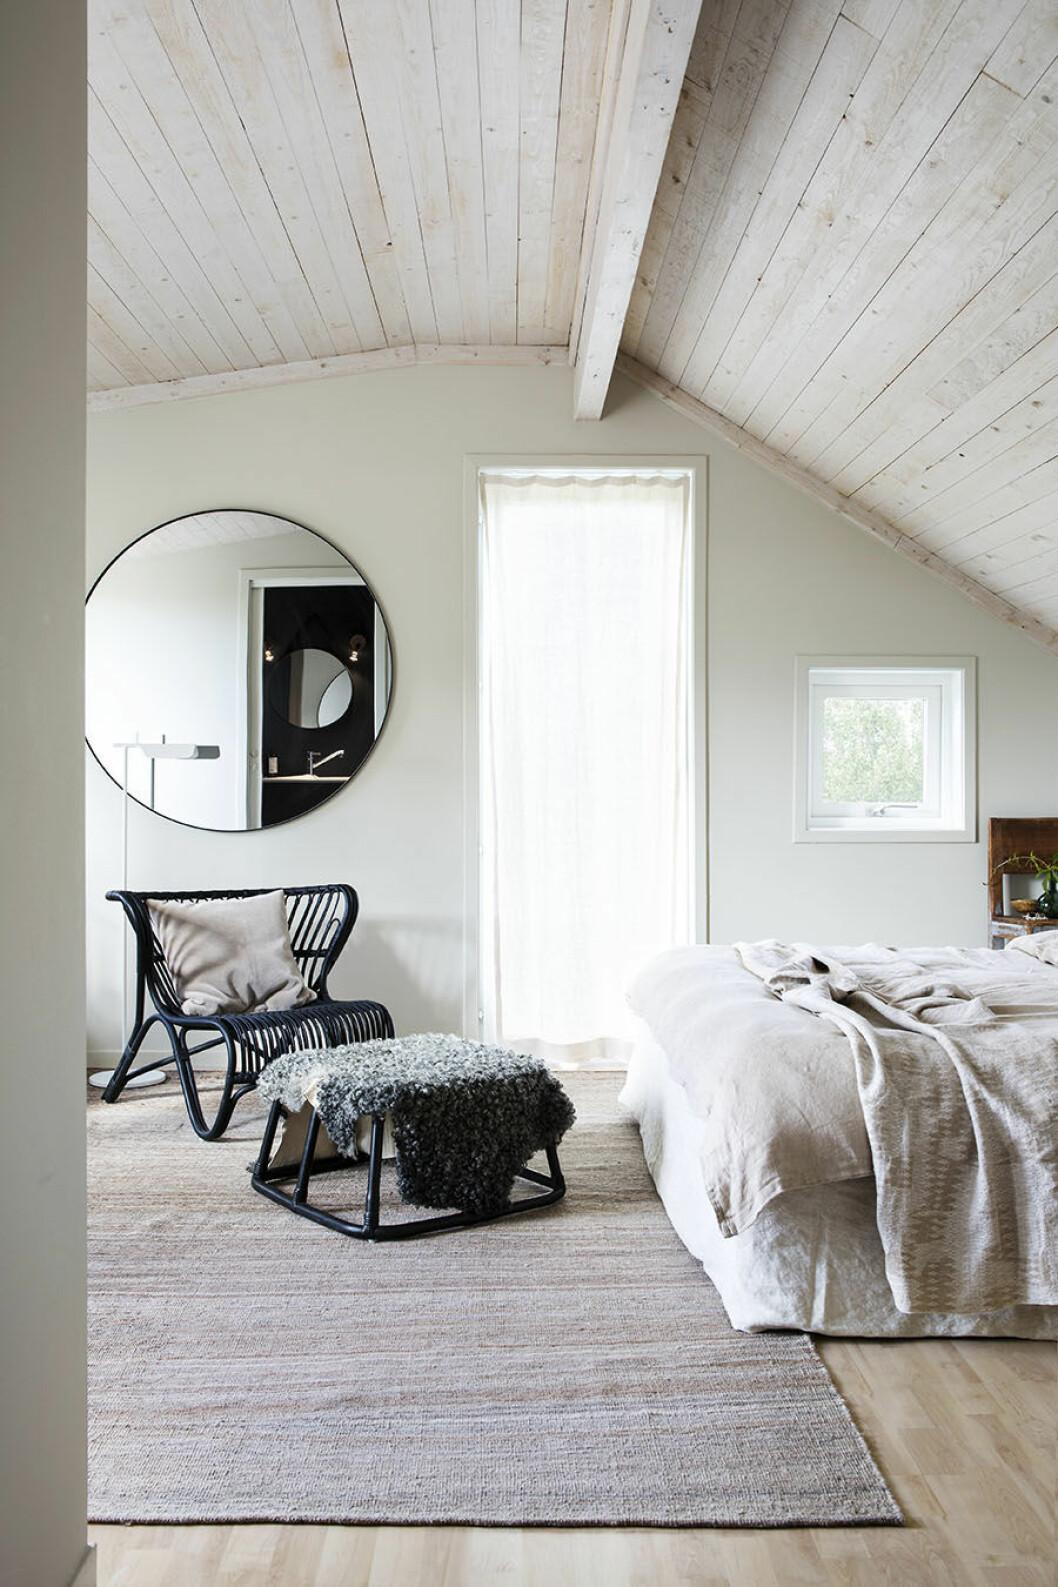 rund spegel, snedtak, sovrum